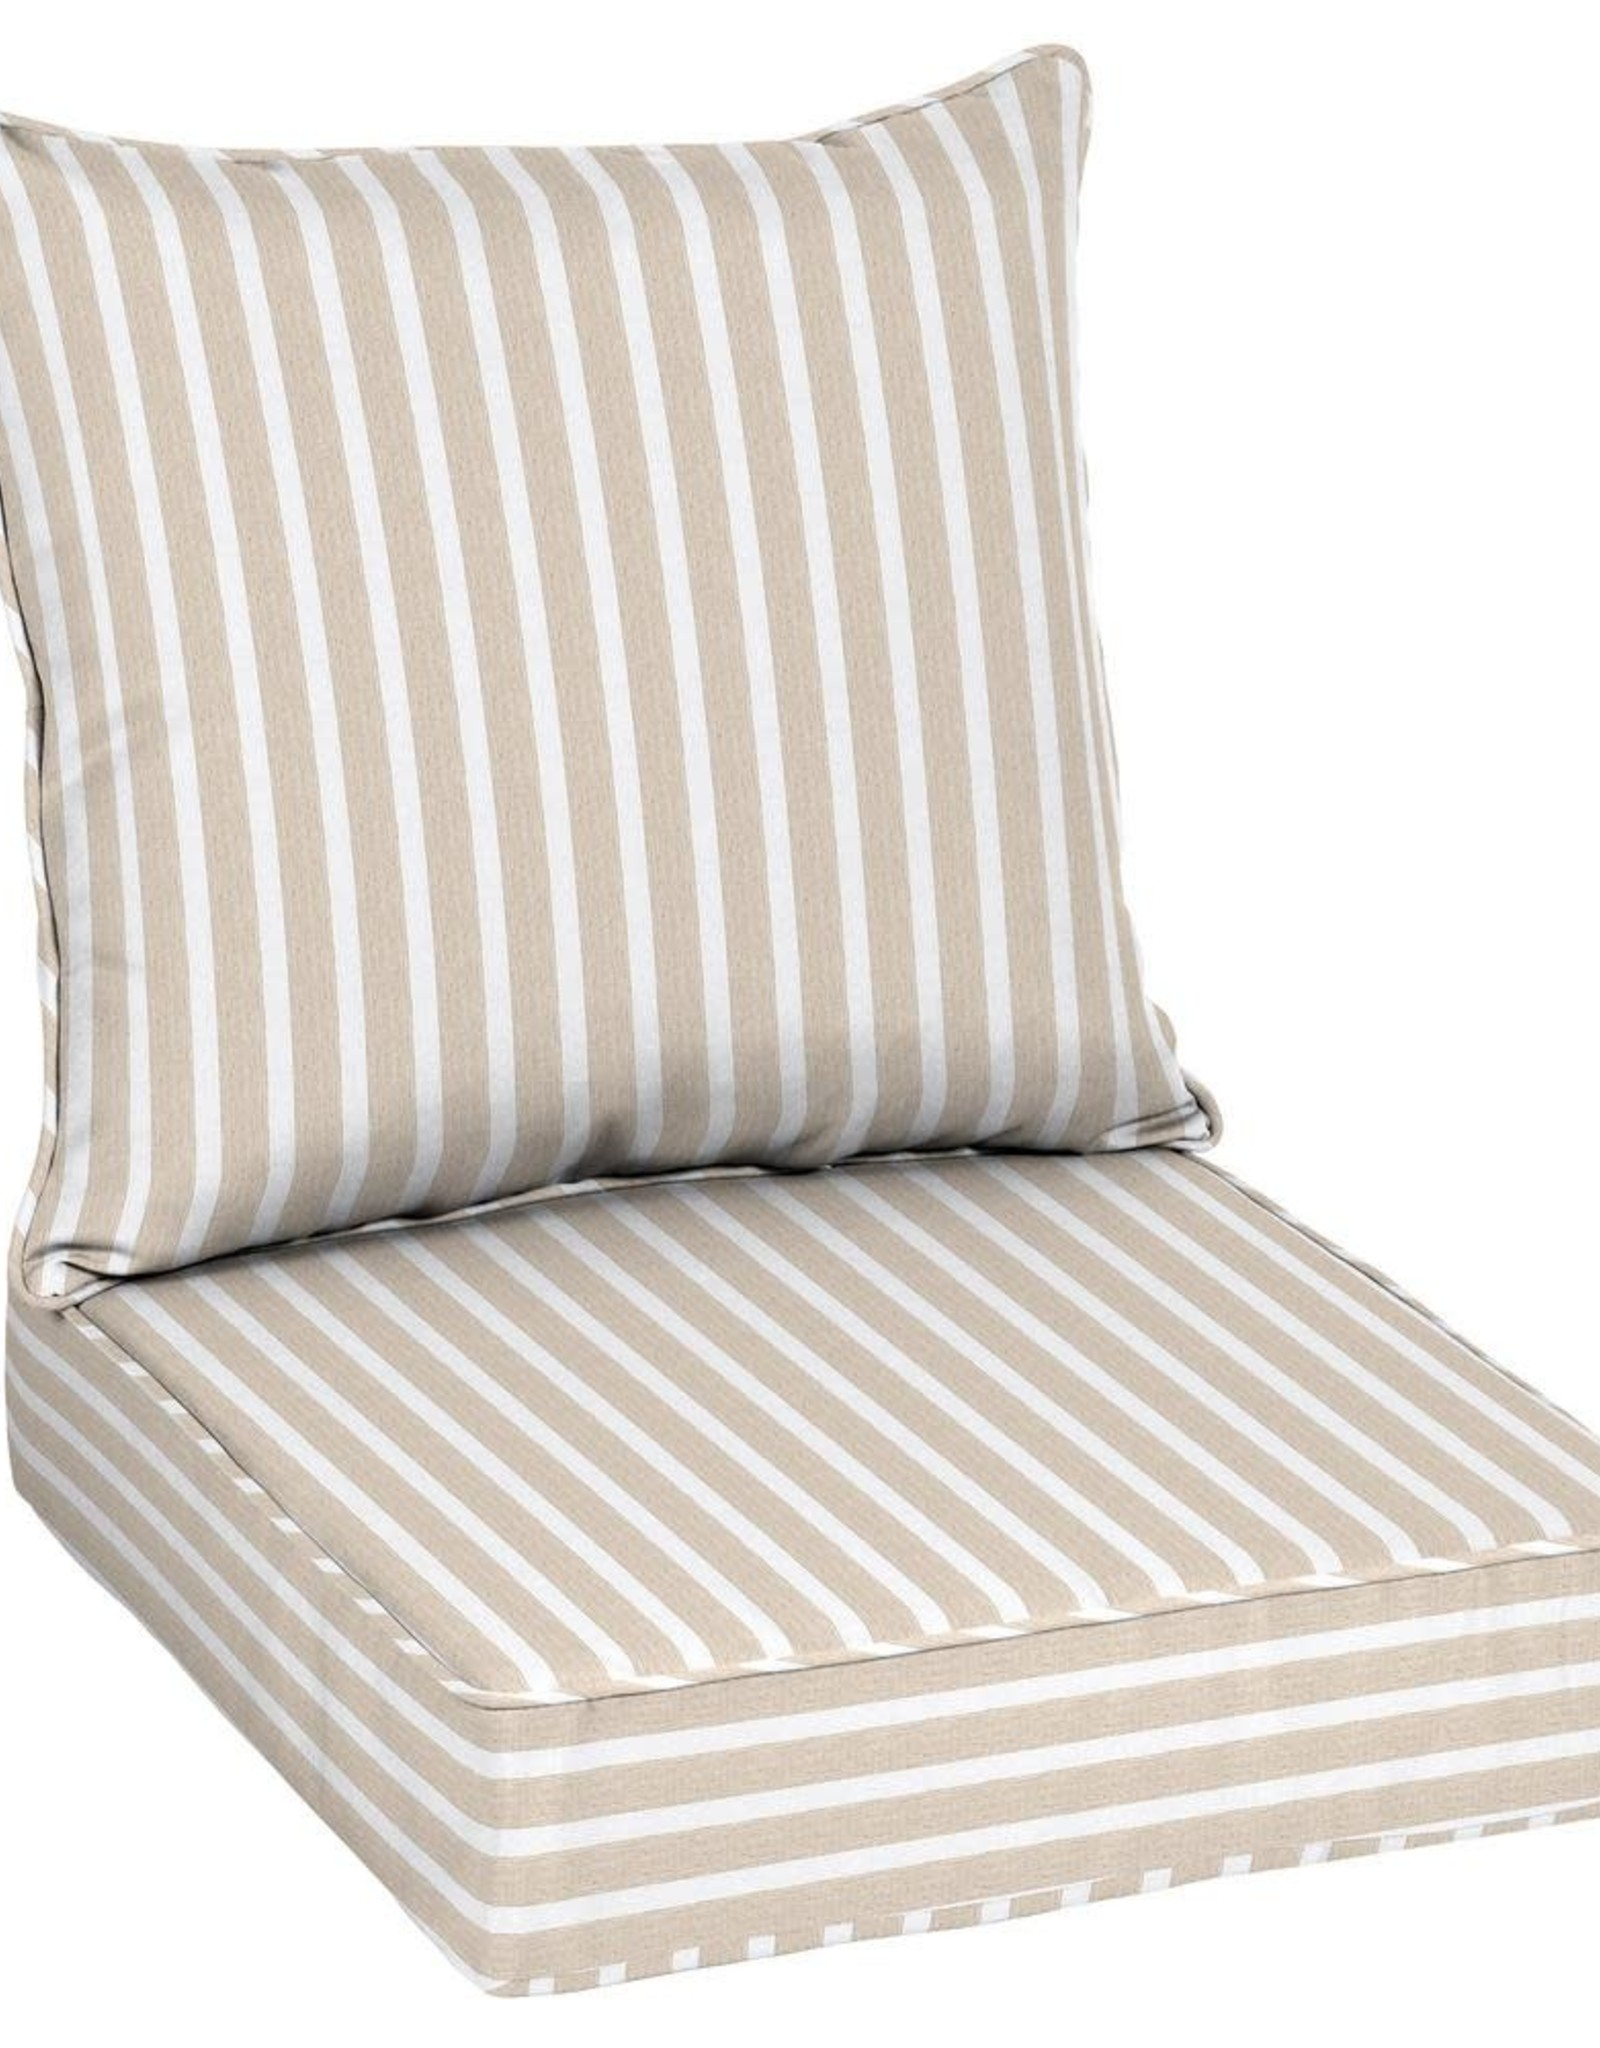 lounge chair cushions near me